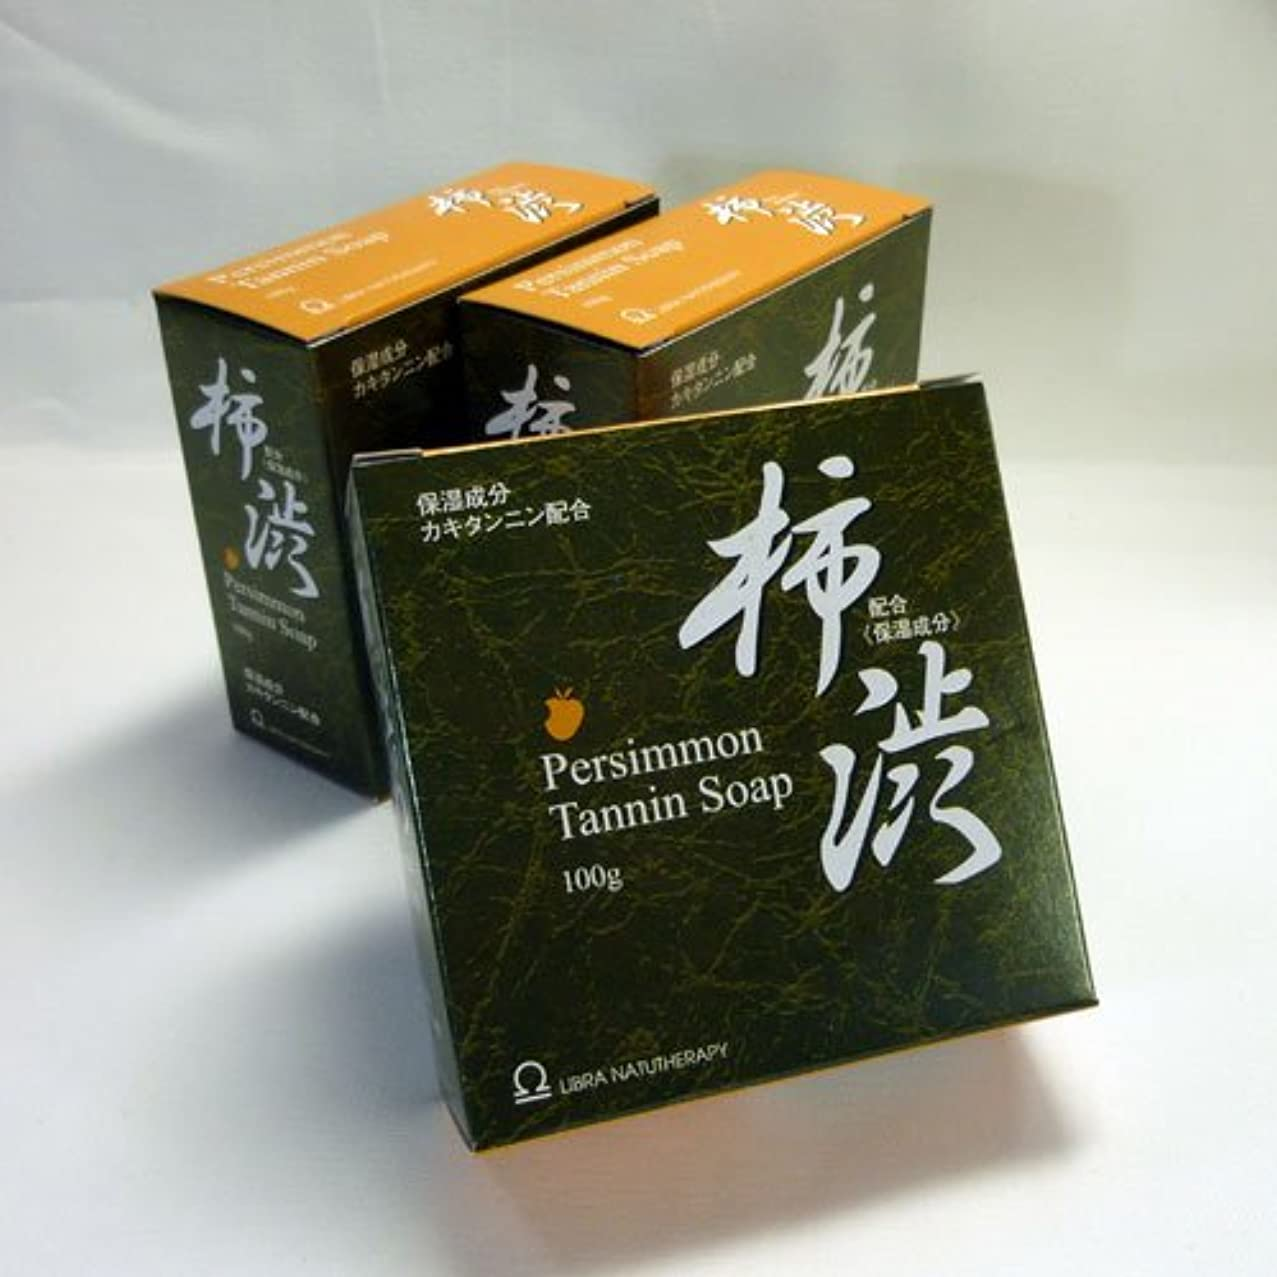 枕山岳湿度【加齢臭?体臭対策】 ライブラ 柿渋石鹸 100g (3個セット)